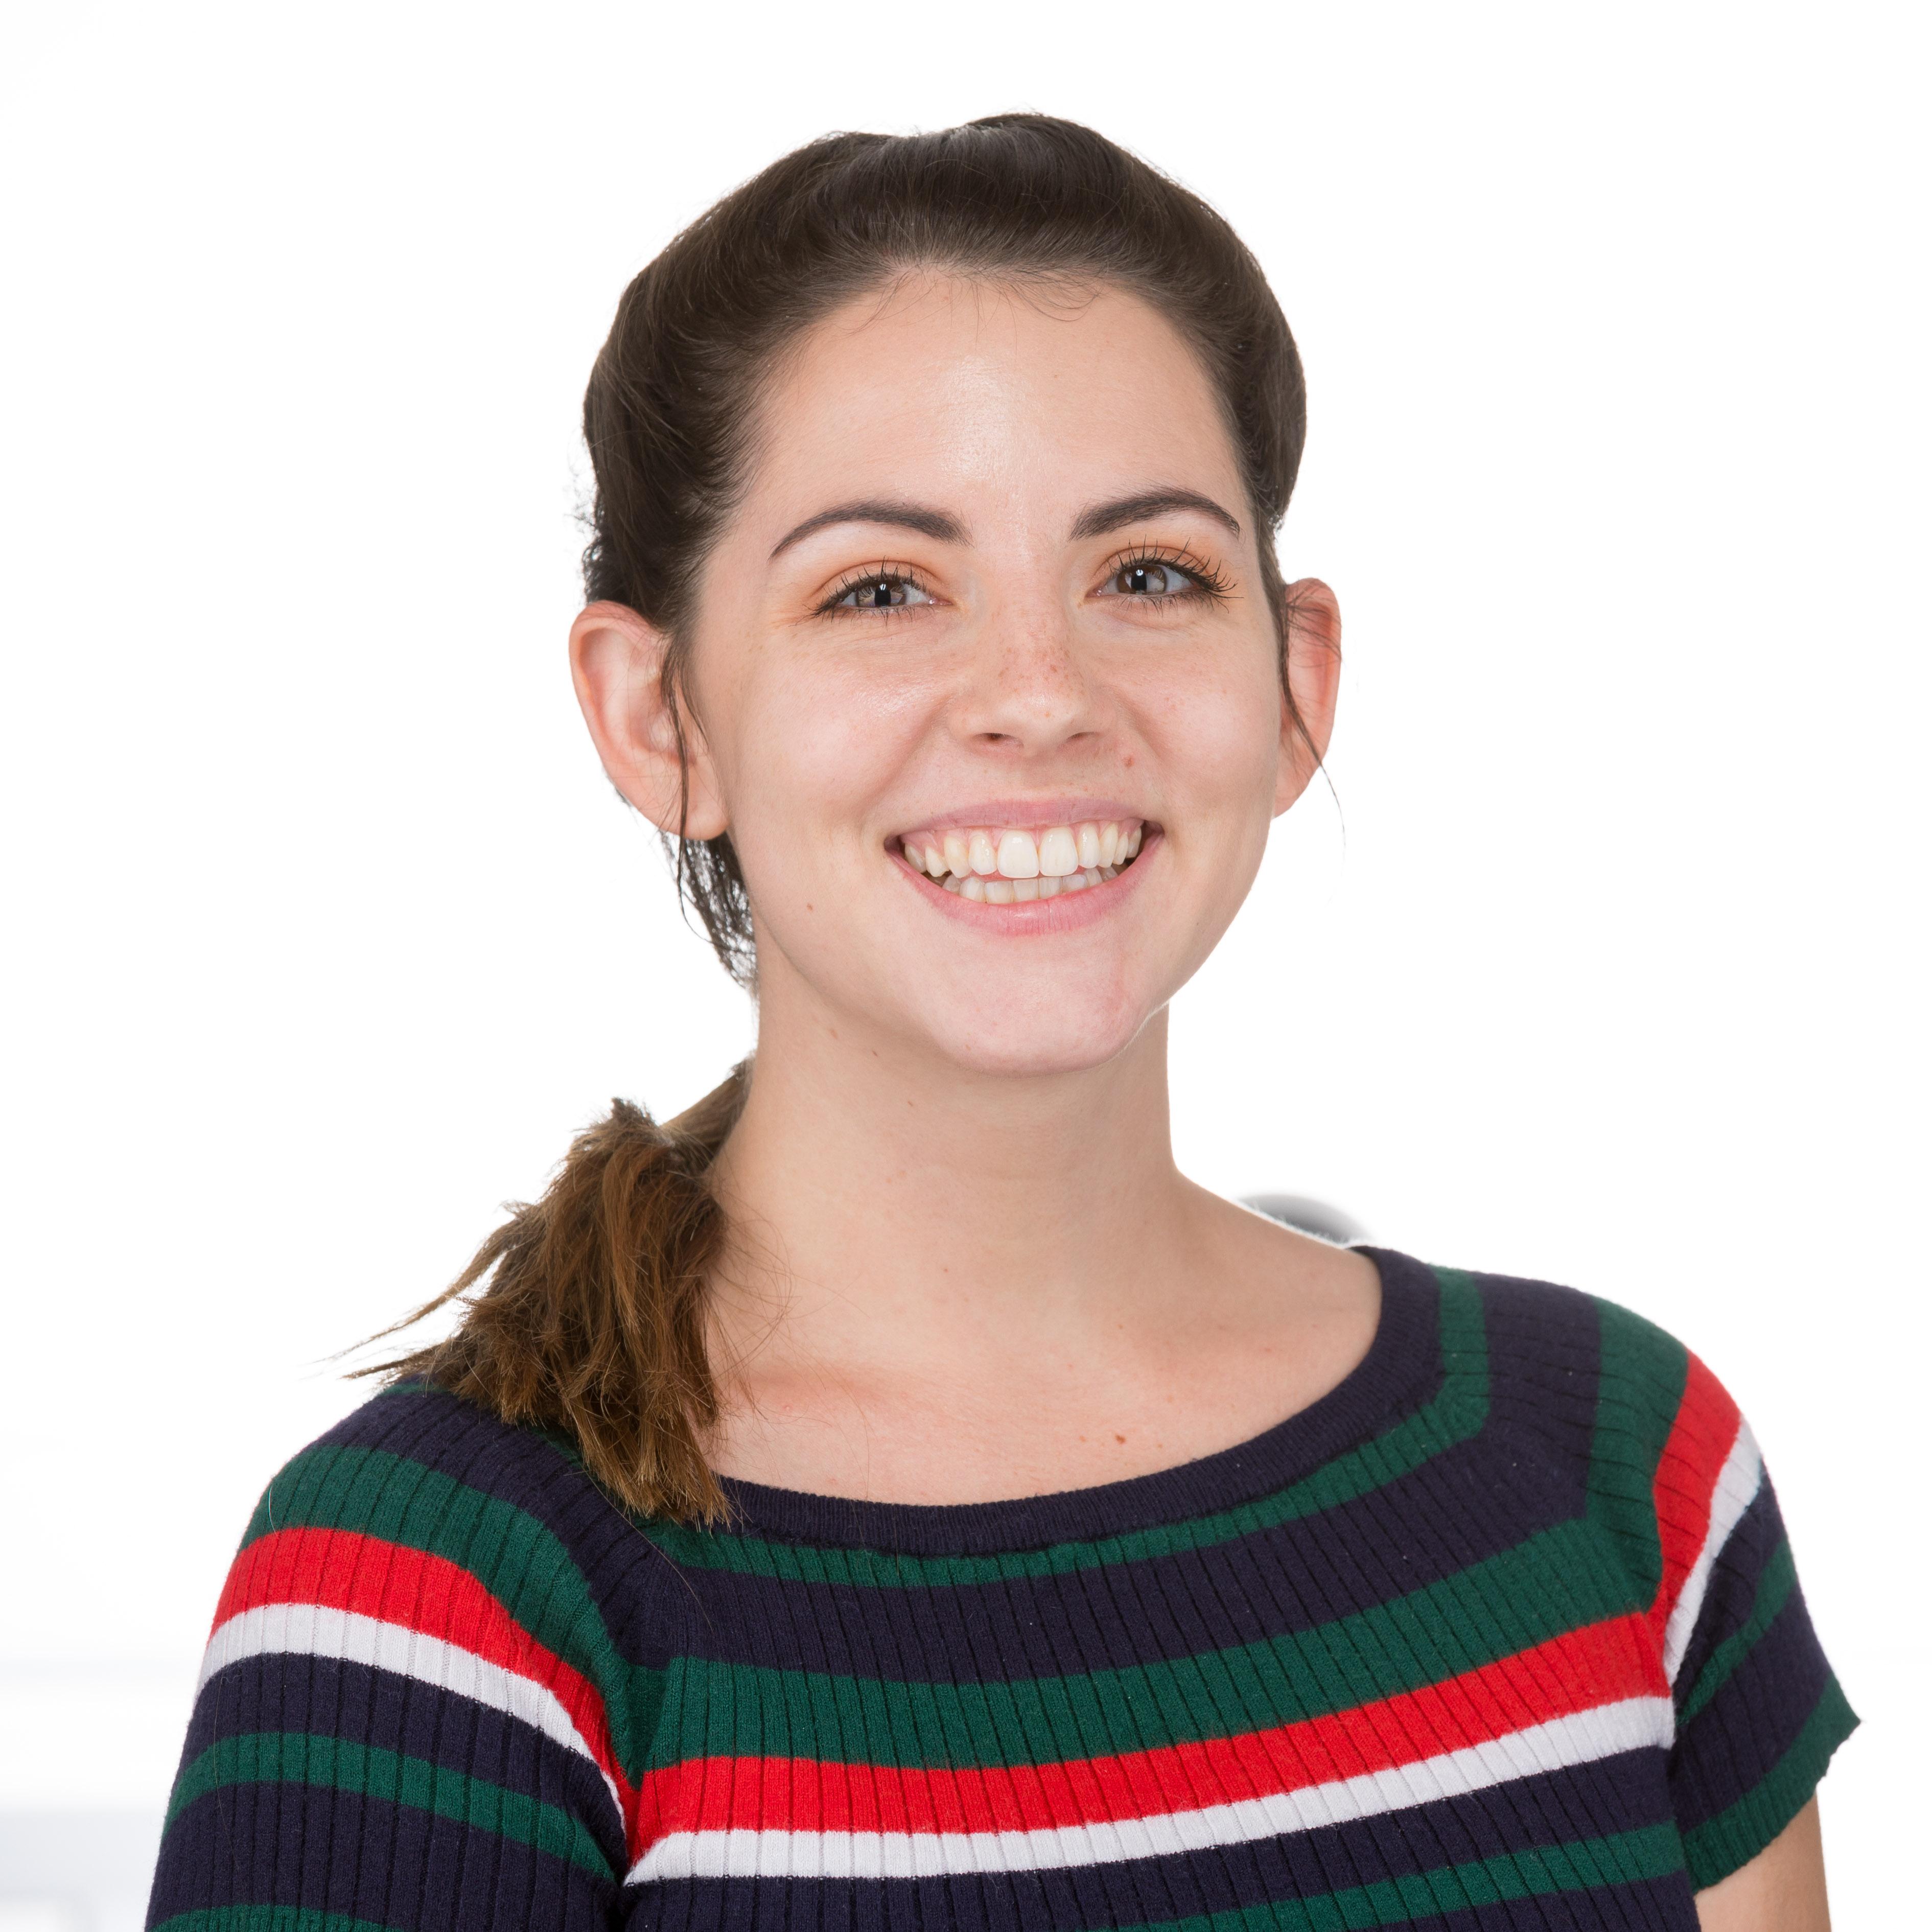 Elaina Sammons